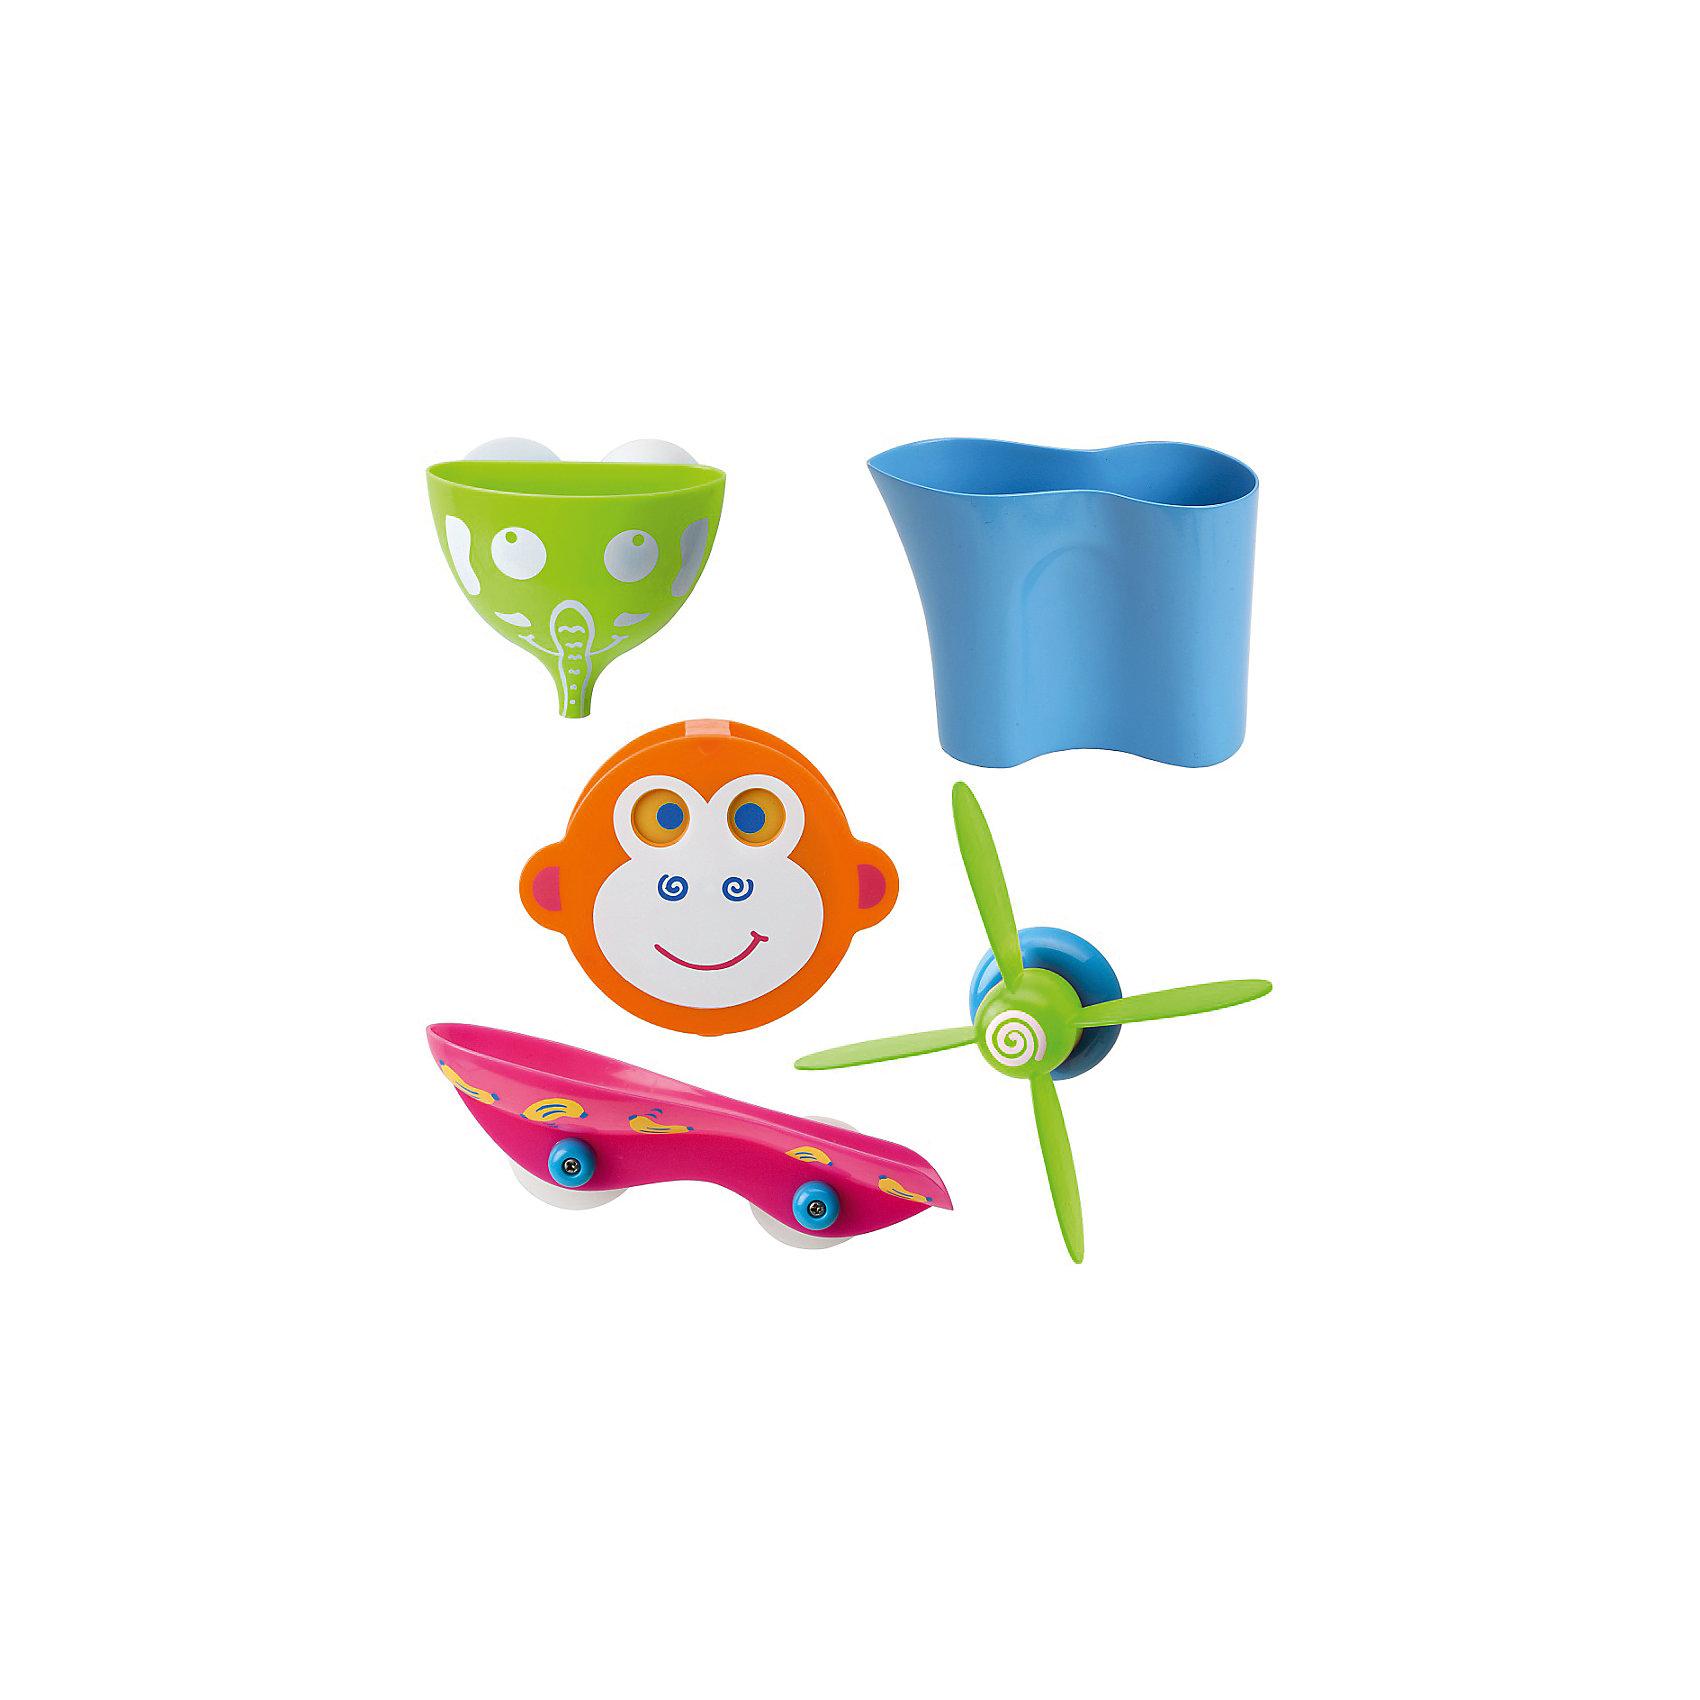 Набор для ванны Водопад в джунглях, AlexИгрушки ПВХ<br>Веселая игра для игры в ванной - Водопад в джунглях.Игрушка крепится на присоске к плитке. Выливая воду на обезьянку, она забавно шевелит глазками, а моторчик разбрызгивает воду. Для детей от 2-х лет<br><br>Ширина мм: 290<br>Глубина мм: 290<br>Высота мм: 20<br>Вес г: 197<br>Возраст от месяцев: 36<br>Возраст до месяцев: 60<br>Пол: Унисекс<br>Возраст: Детский<br>SKU: 3139465